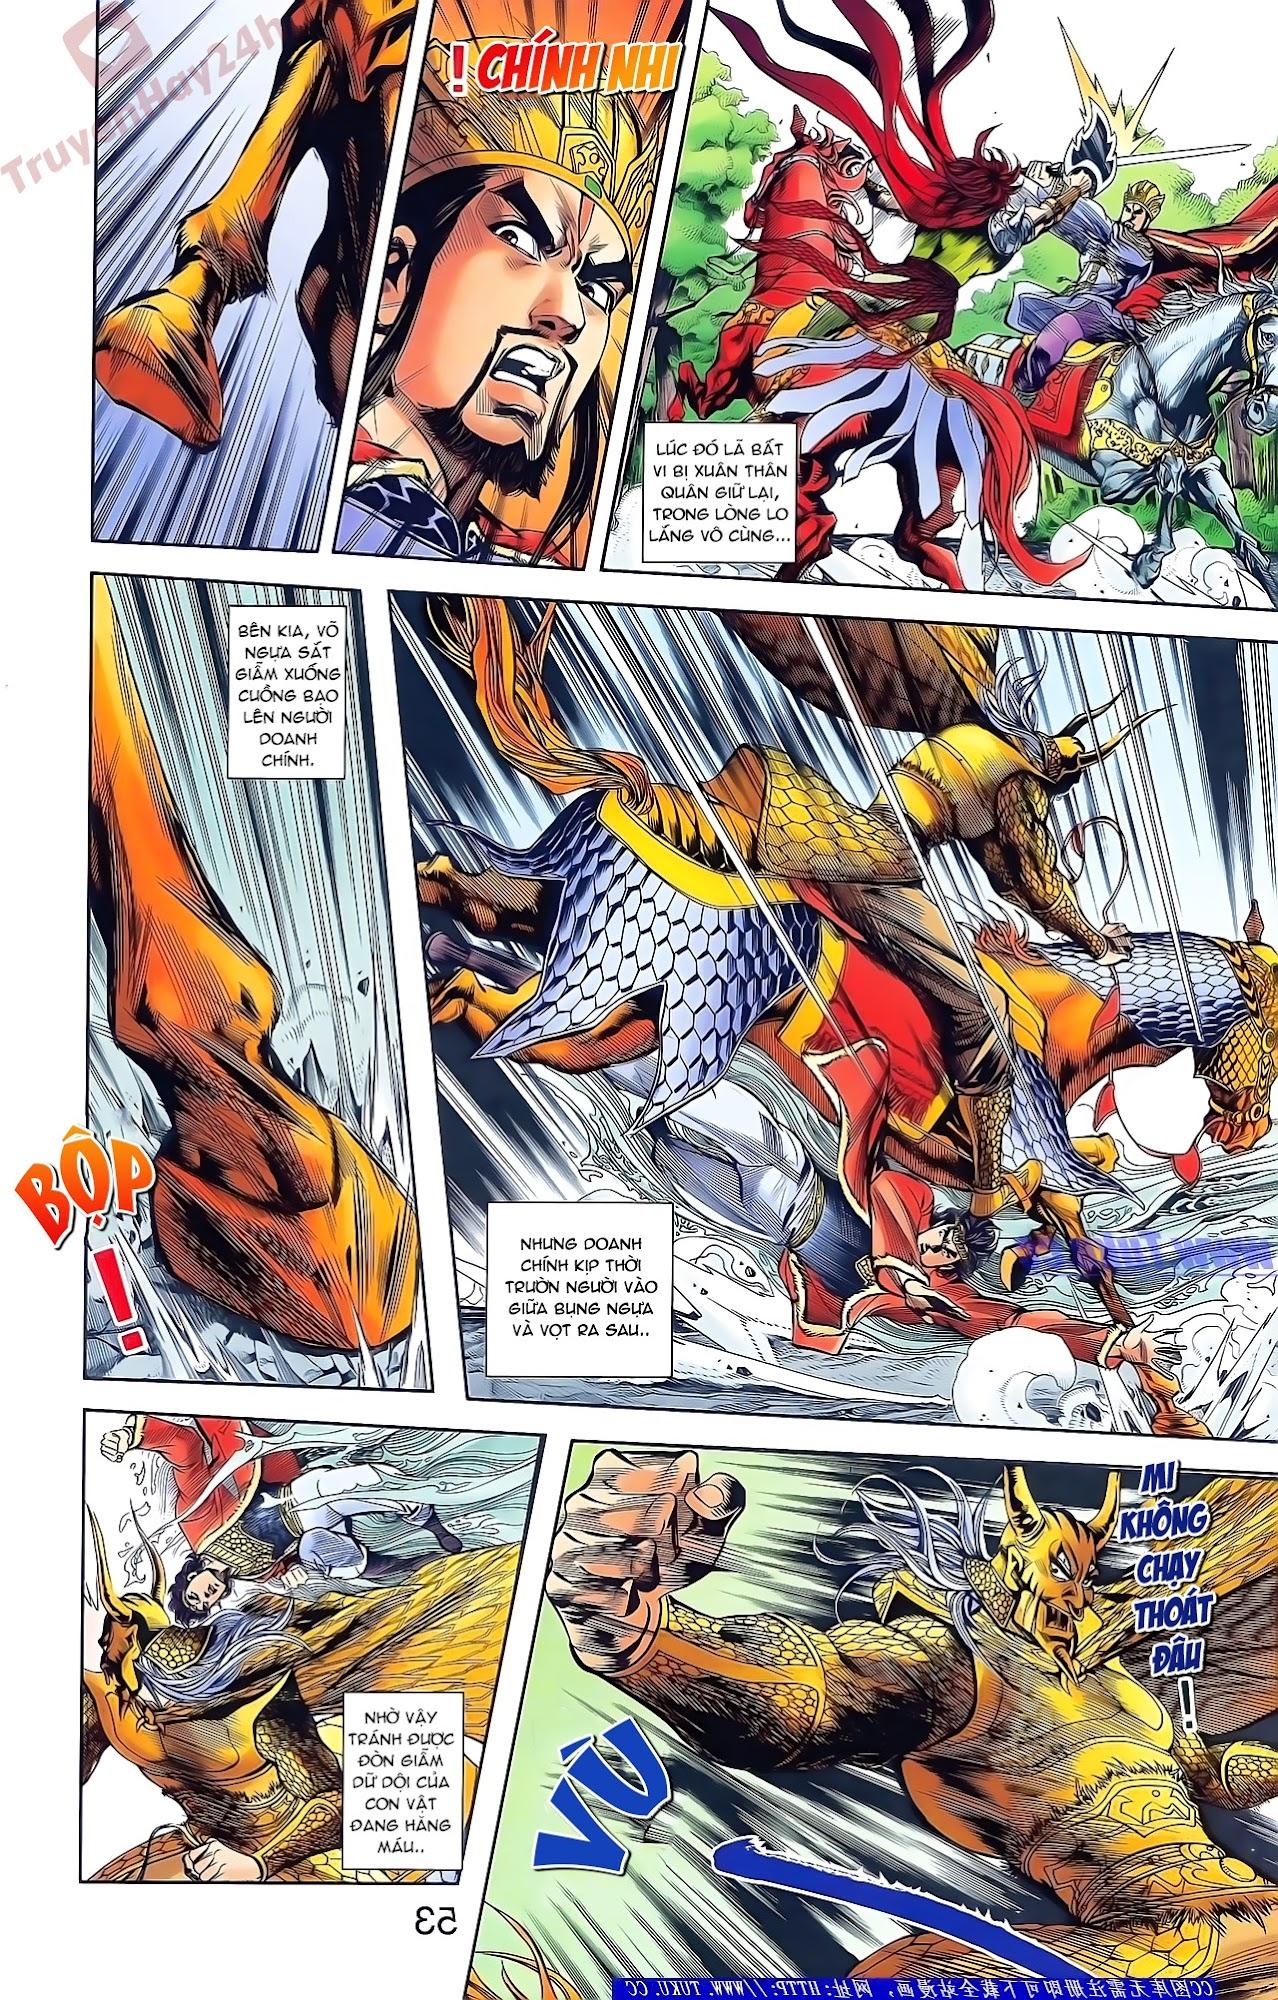 Tần Vương Doanh Chính chapter 49 trang 7